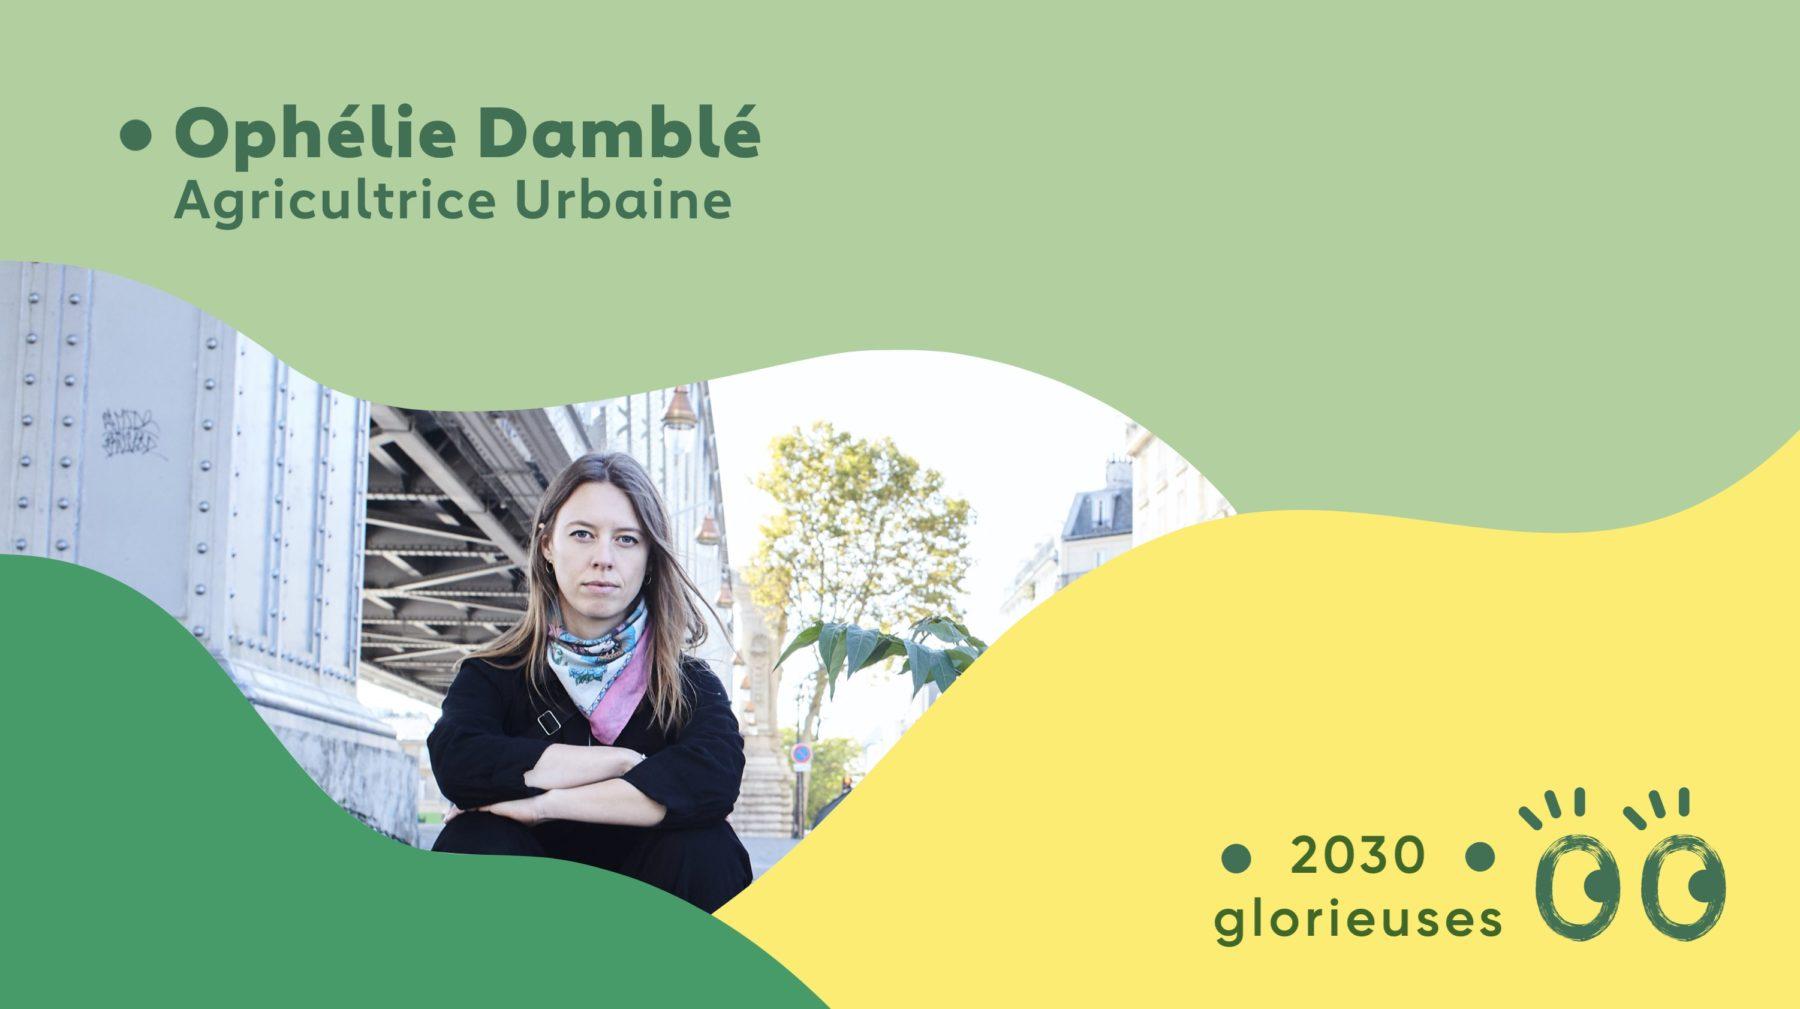 """2030 Glorieuses #10 : Ophélie Damblé : """"La nature sera toujours là pour prendre le dessus"""""""